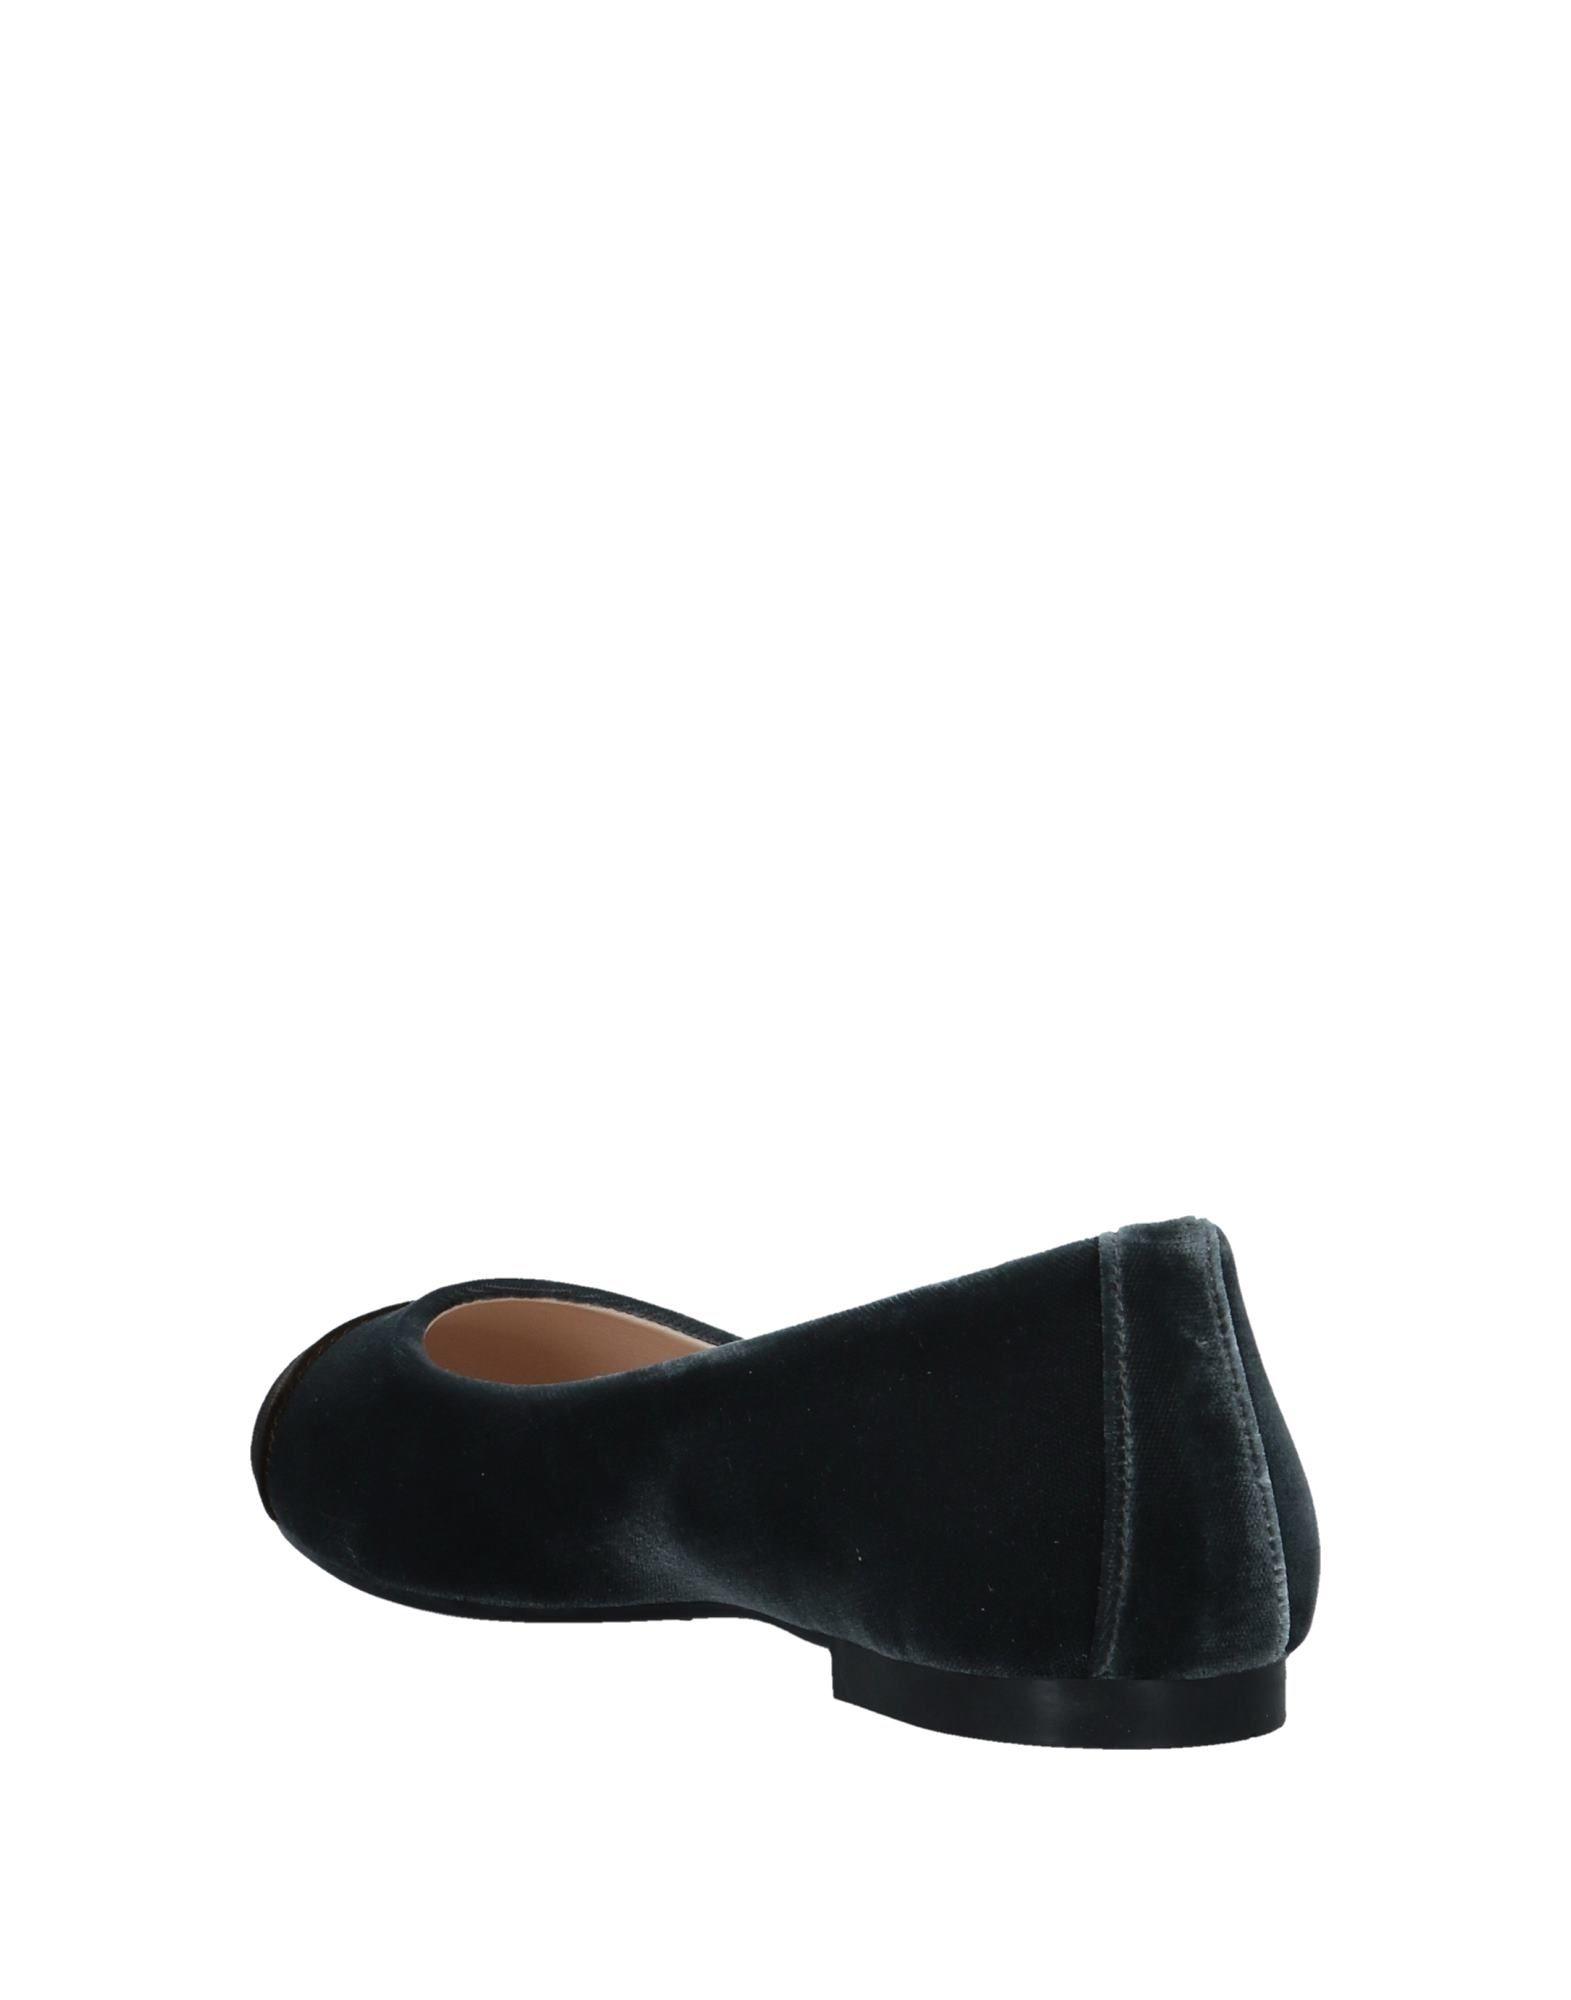 Gut um Baiguera billige Schuhe zu tragenAnna Baiguera um Ballerinas Damen  11527150RK 2836b2